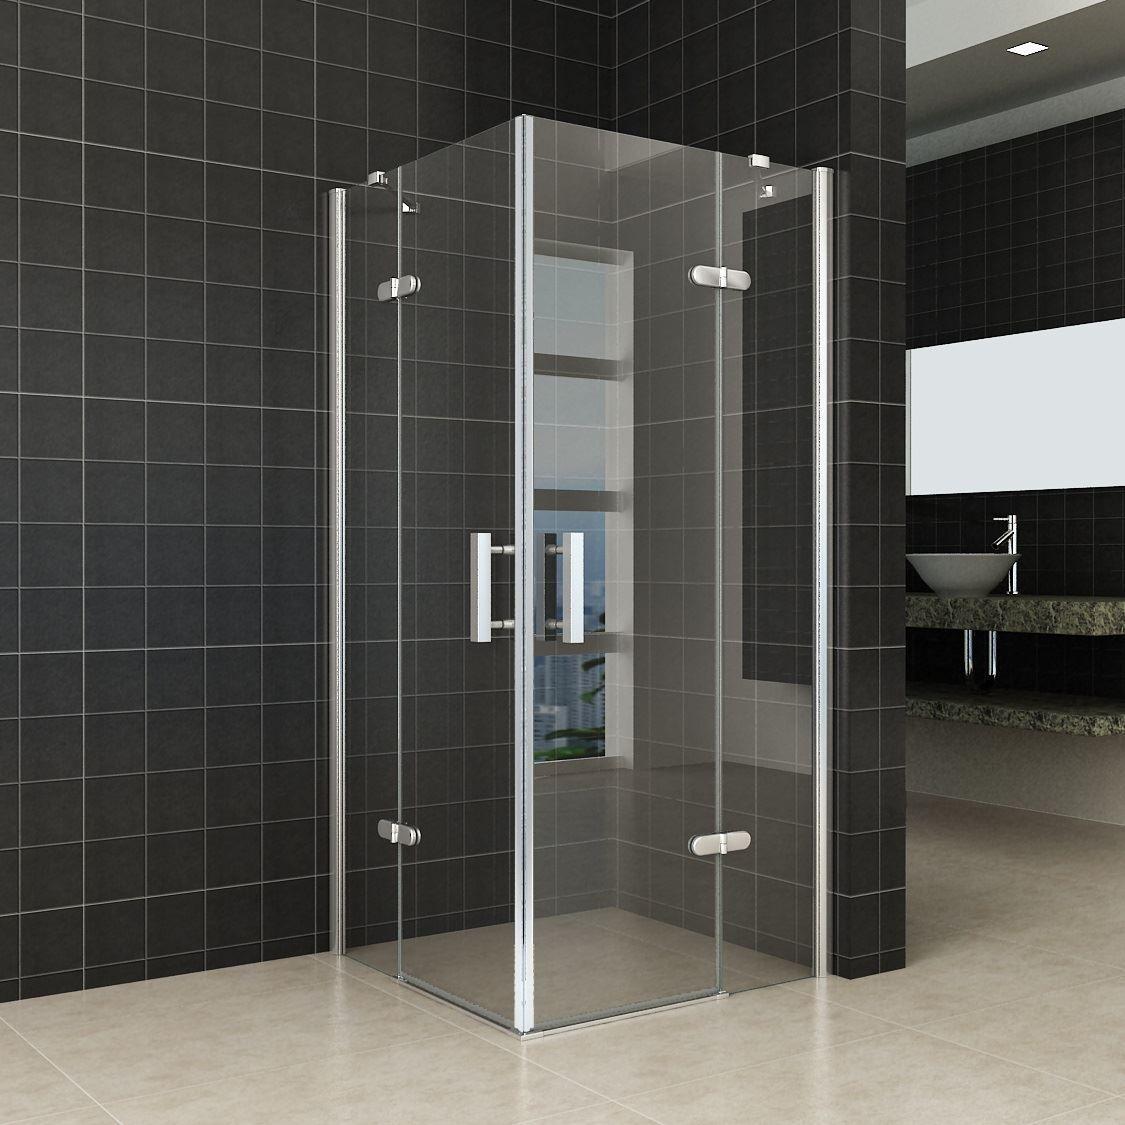 Sanitair-producten 10642 Douchecabine Wiesbaden hoek instap 2 deuren 90x90cm 8mm NANO coating